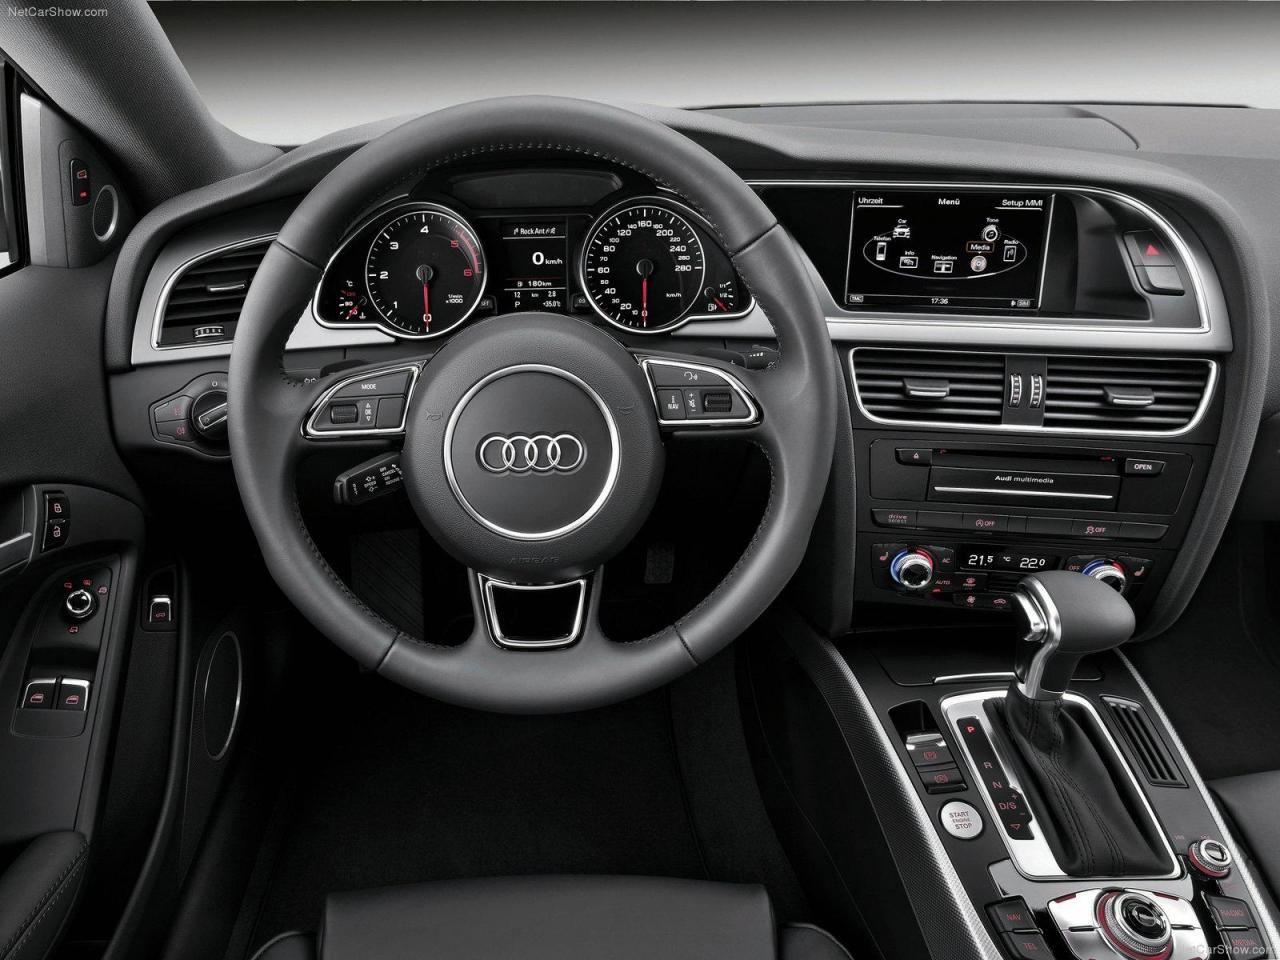 Kelebihan Kekurangan Audi A5 2012 Top Model Tahun Ini